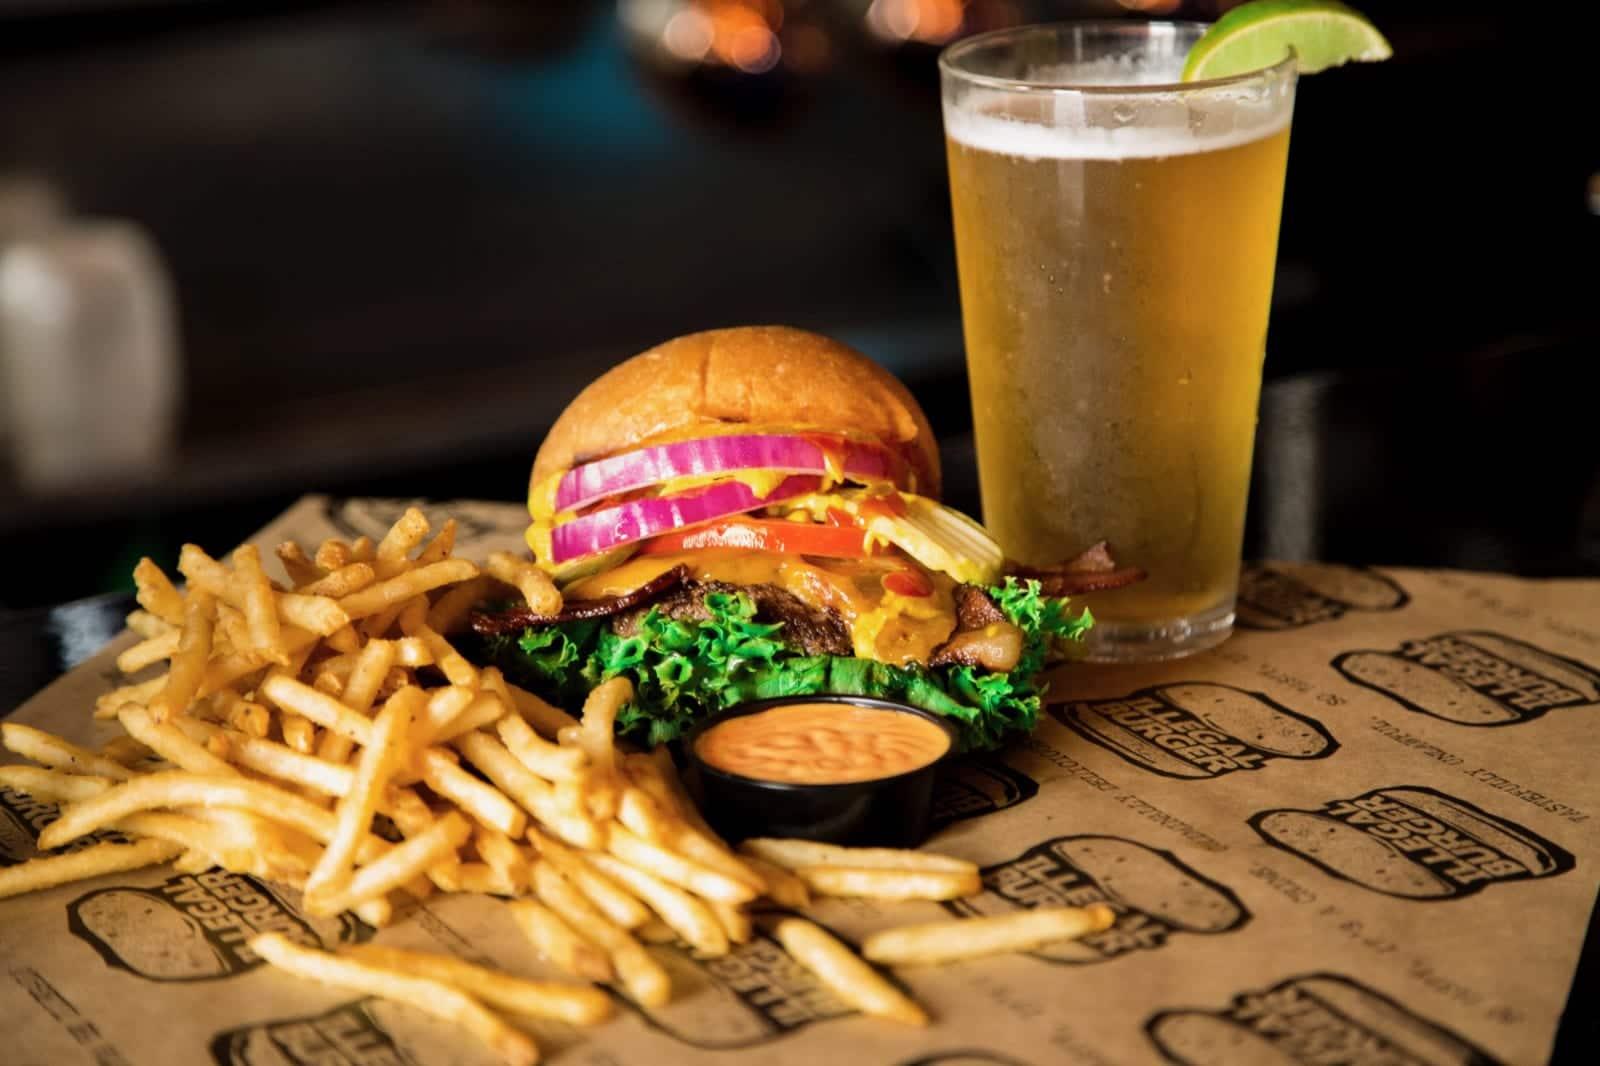 Illegal Burger Colorado Cheeseburger Fires Beer